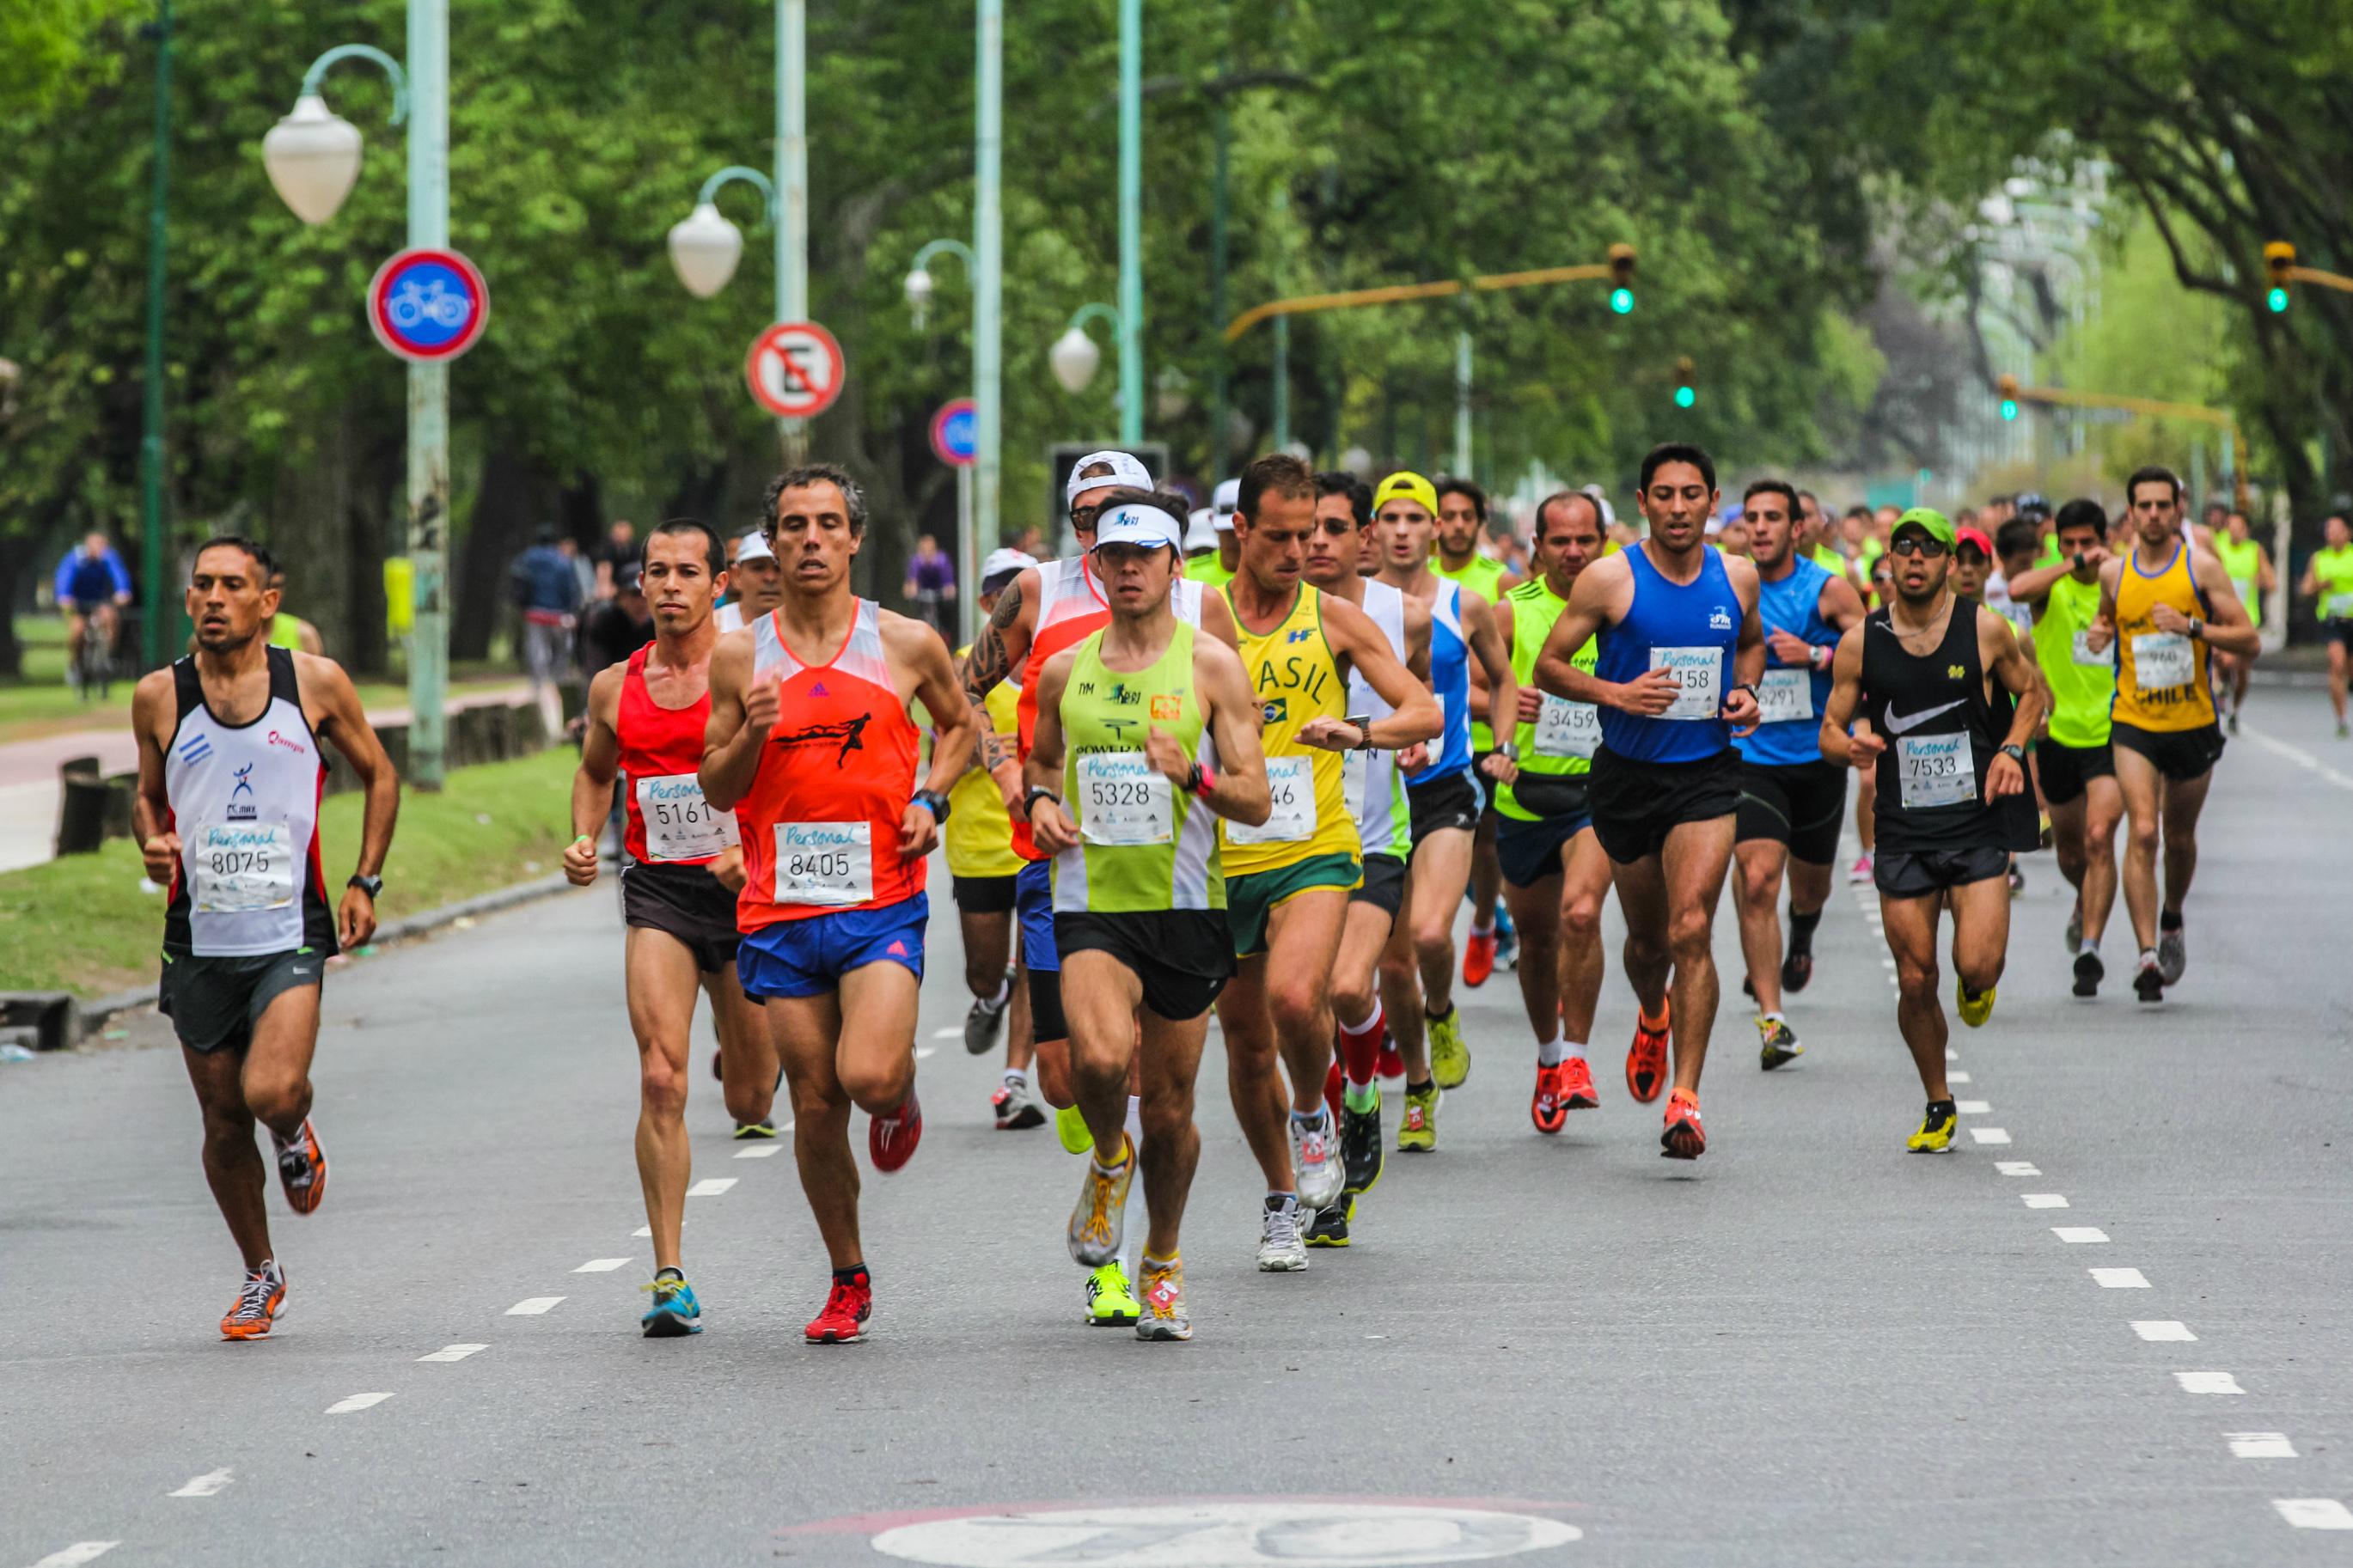 Los corredores de maratón alcanzan un estado de 'flow', según un estudio